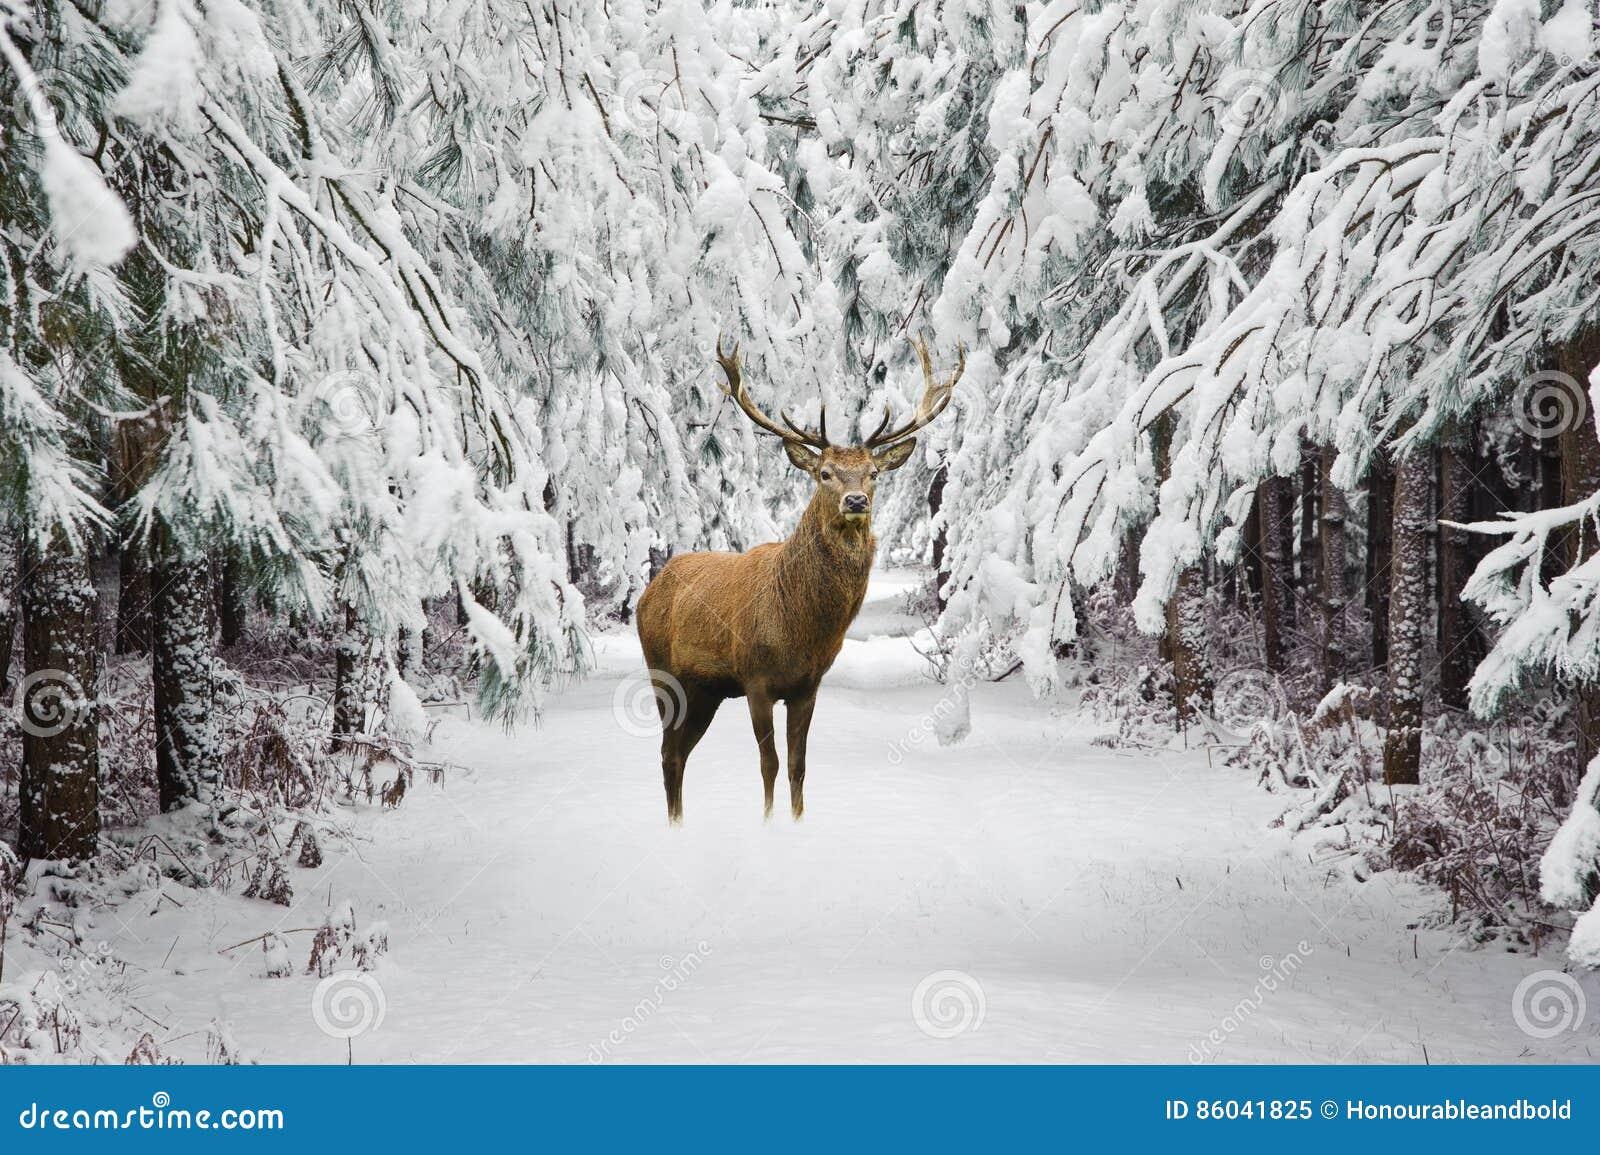 美丽的马鹿雄鹿在积雪的欢乐季节冬天fo